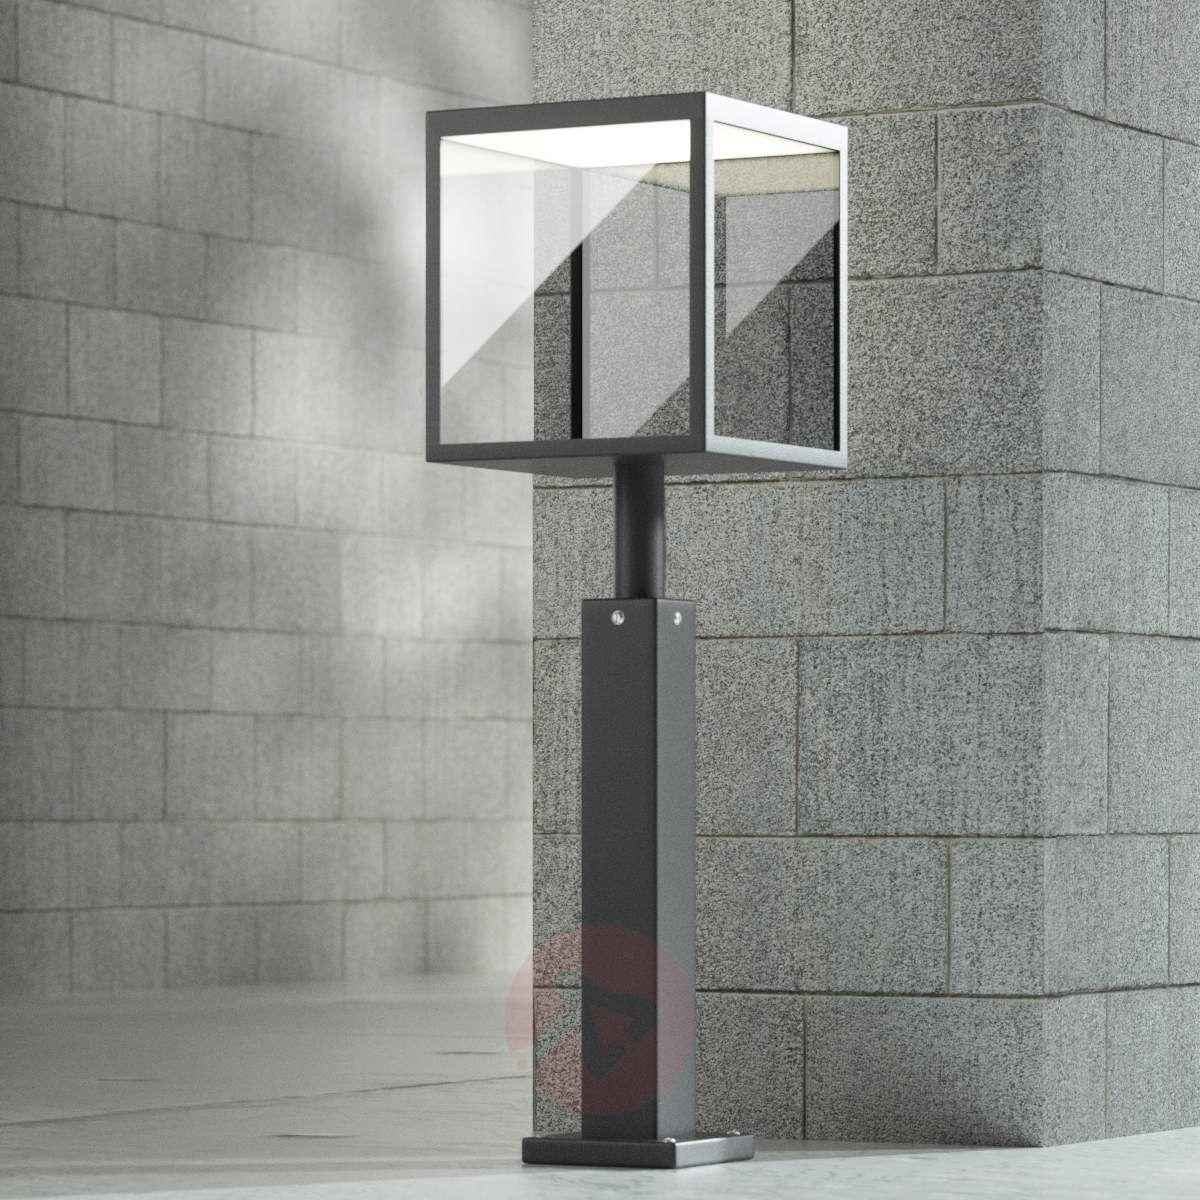 lampy zewnętrzne sześcienny grafitowe z czujnikiem ruchu